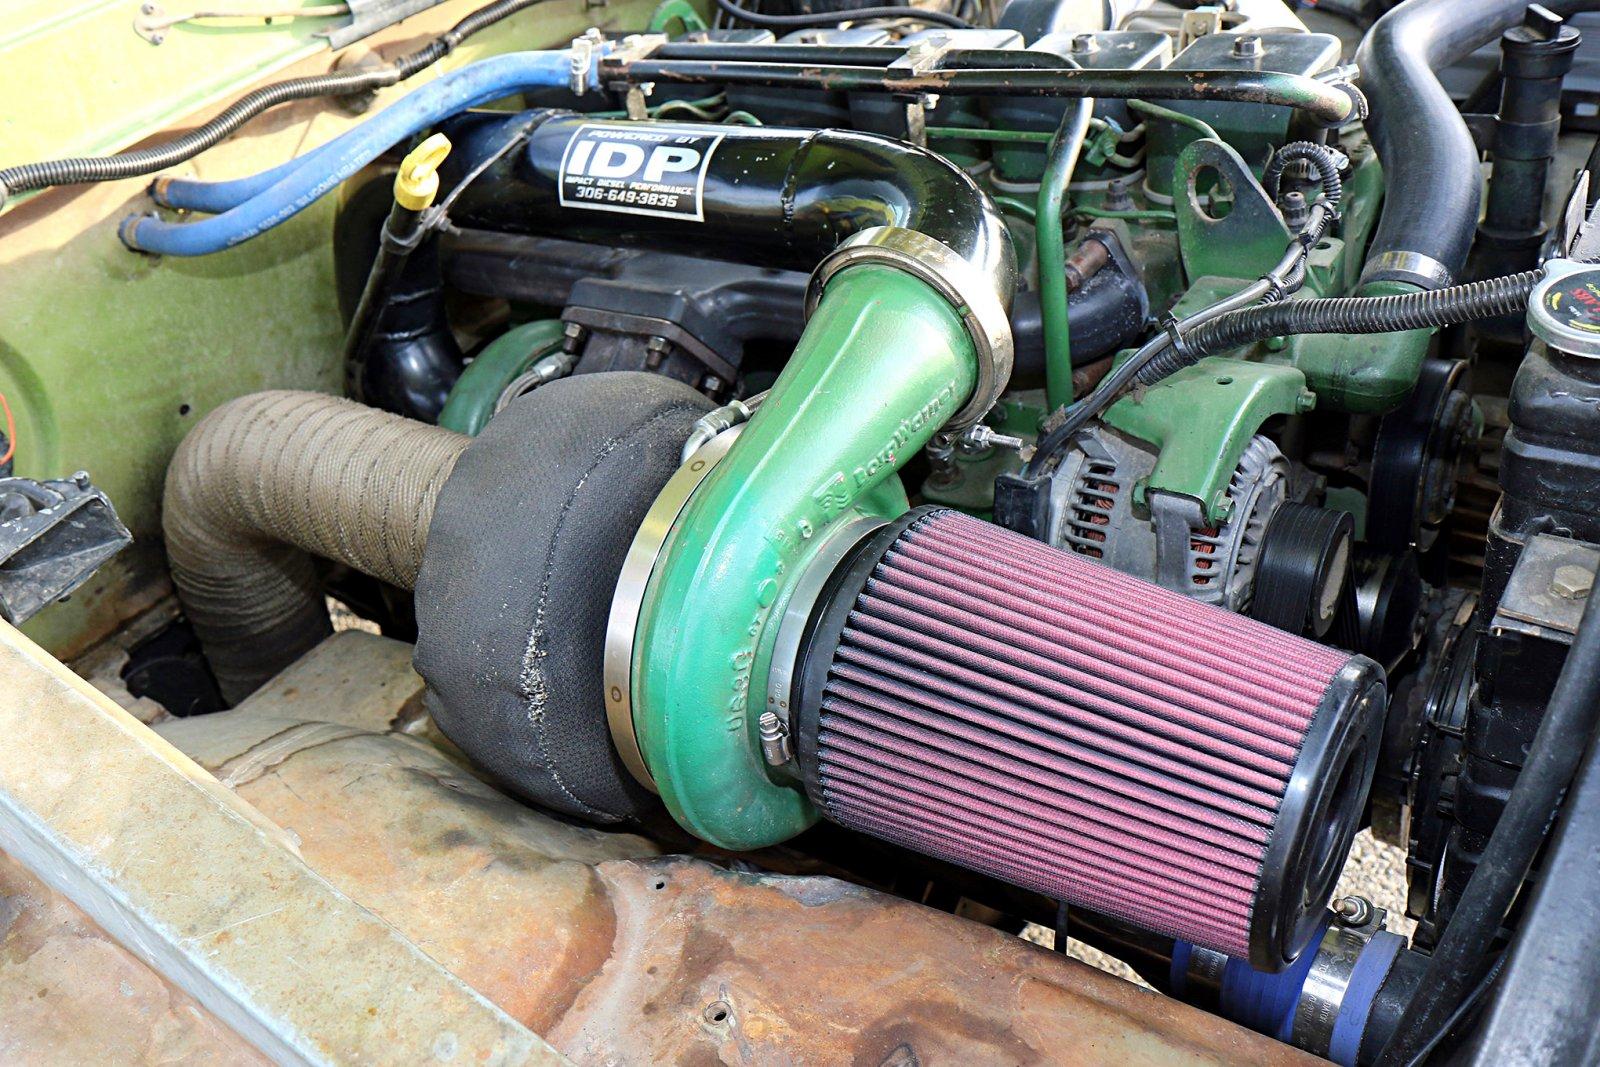 006-northern-ranger-engine.jpg